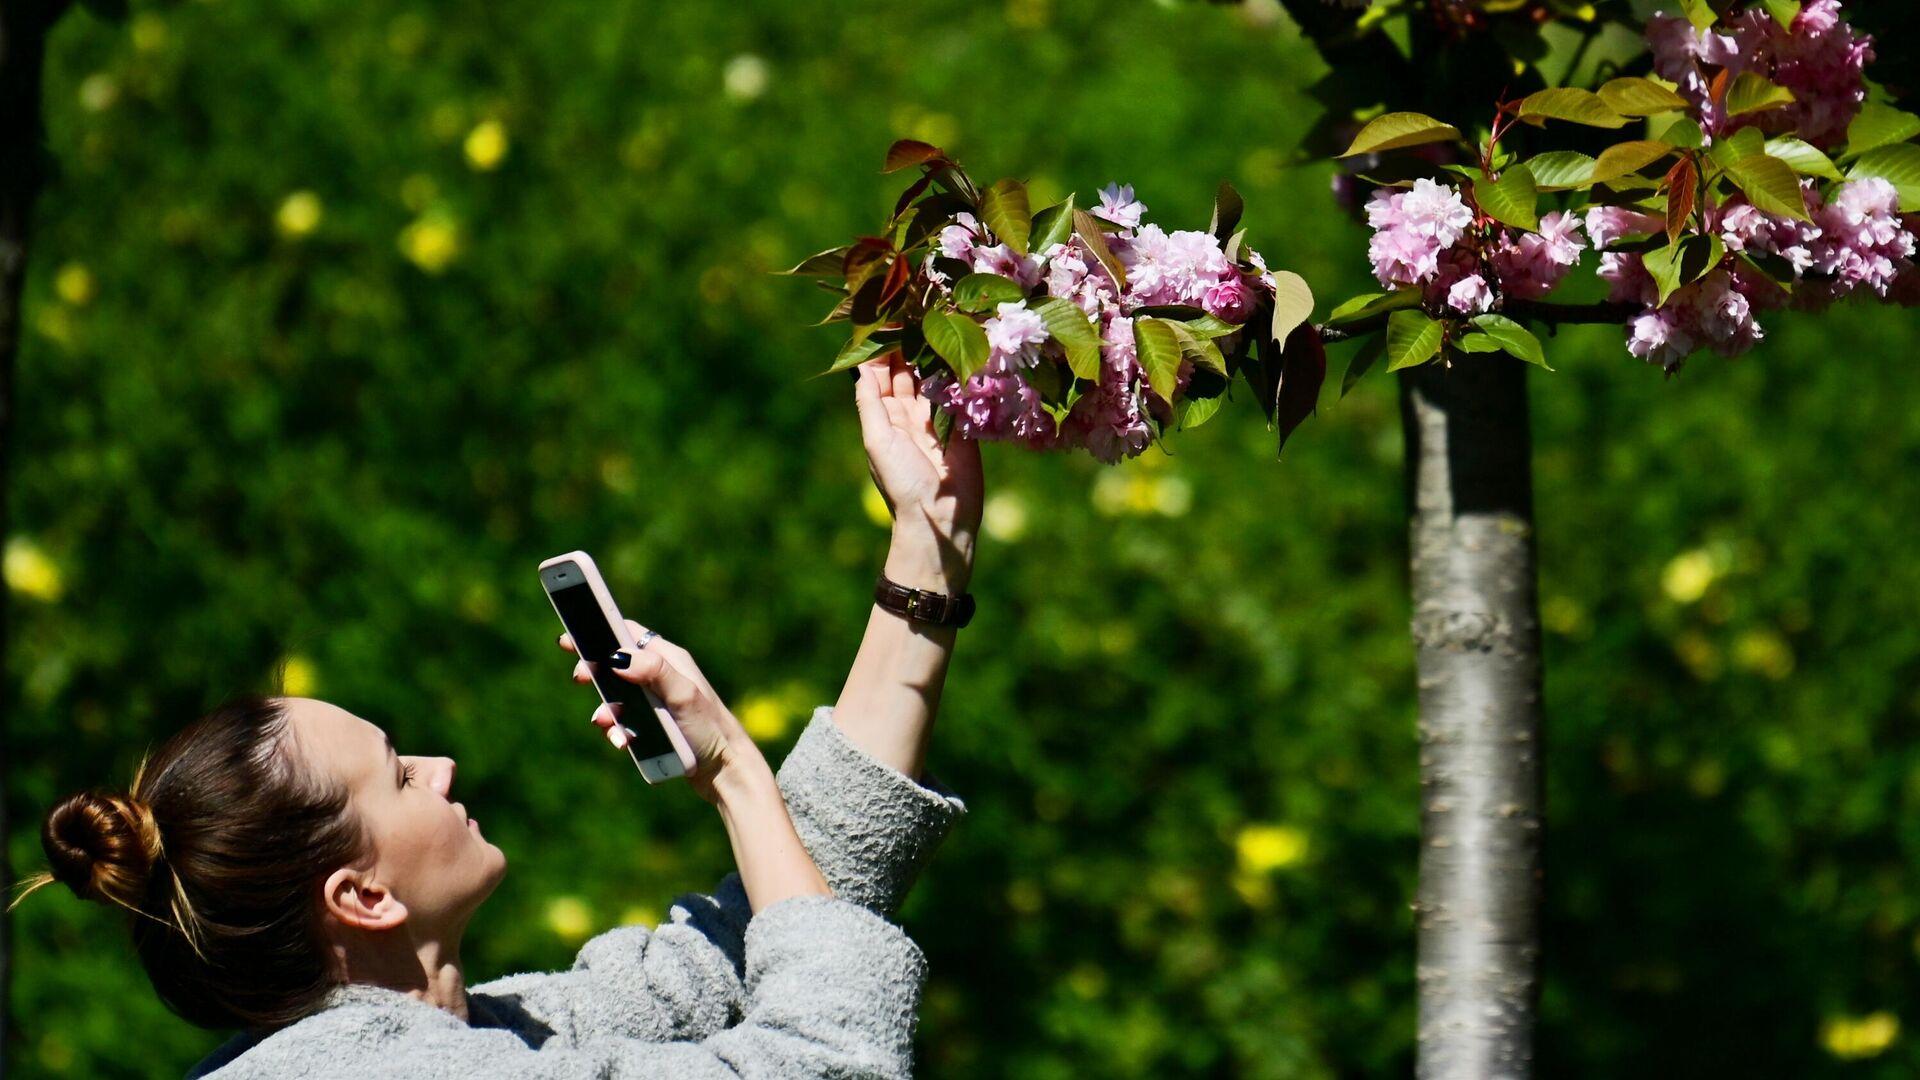 Девушка фотографирует цветы черешни на аллее Черешневый сад в Сочи - РИА Новости, 1920, 14.09.2021